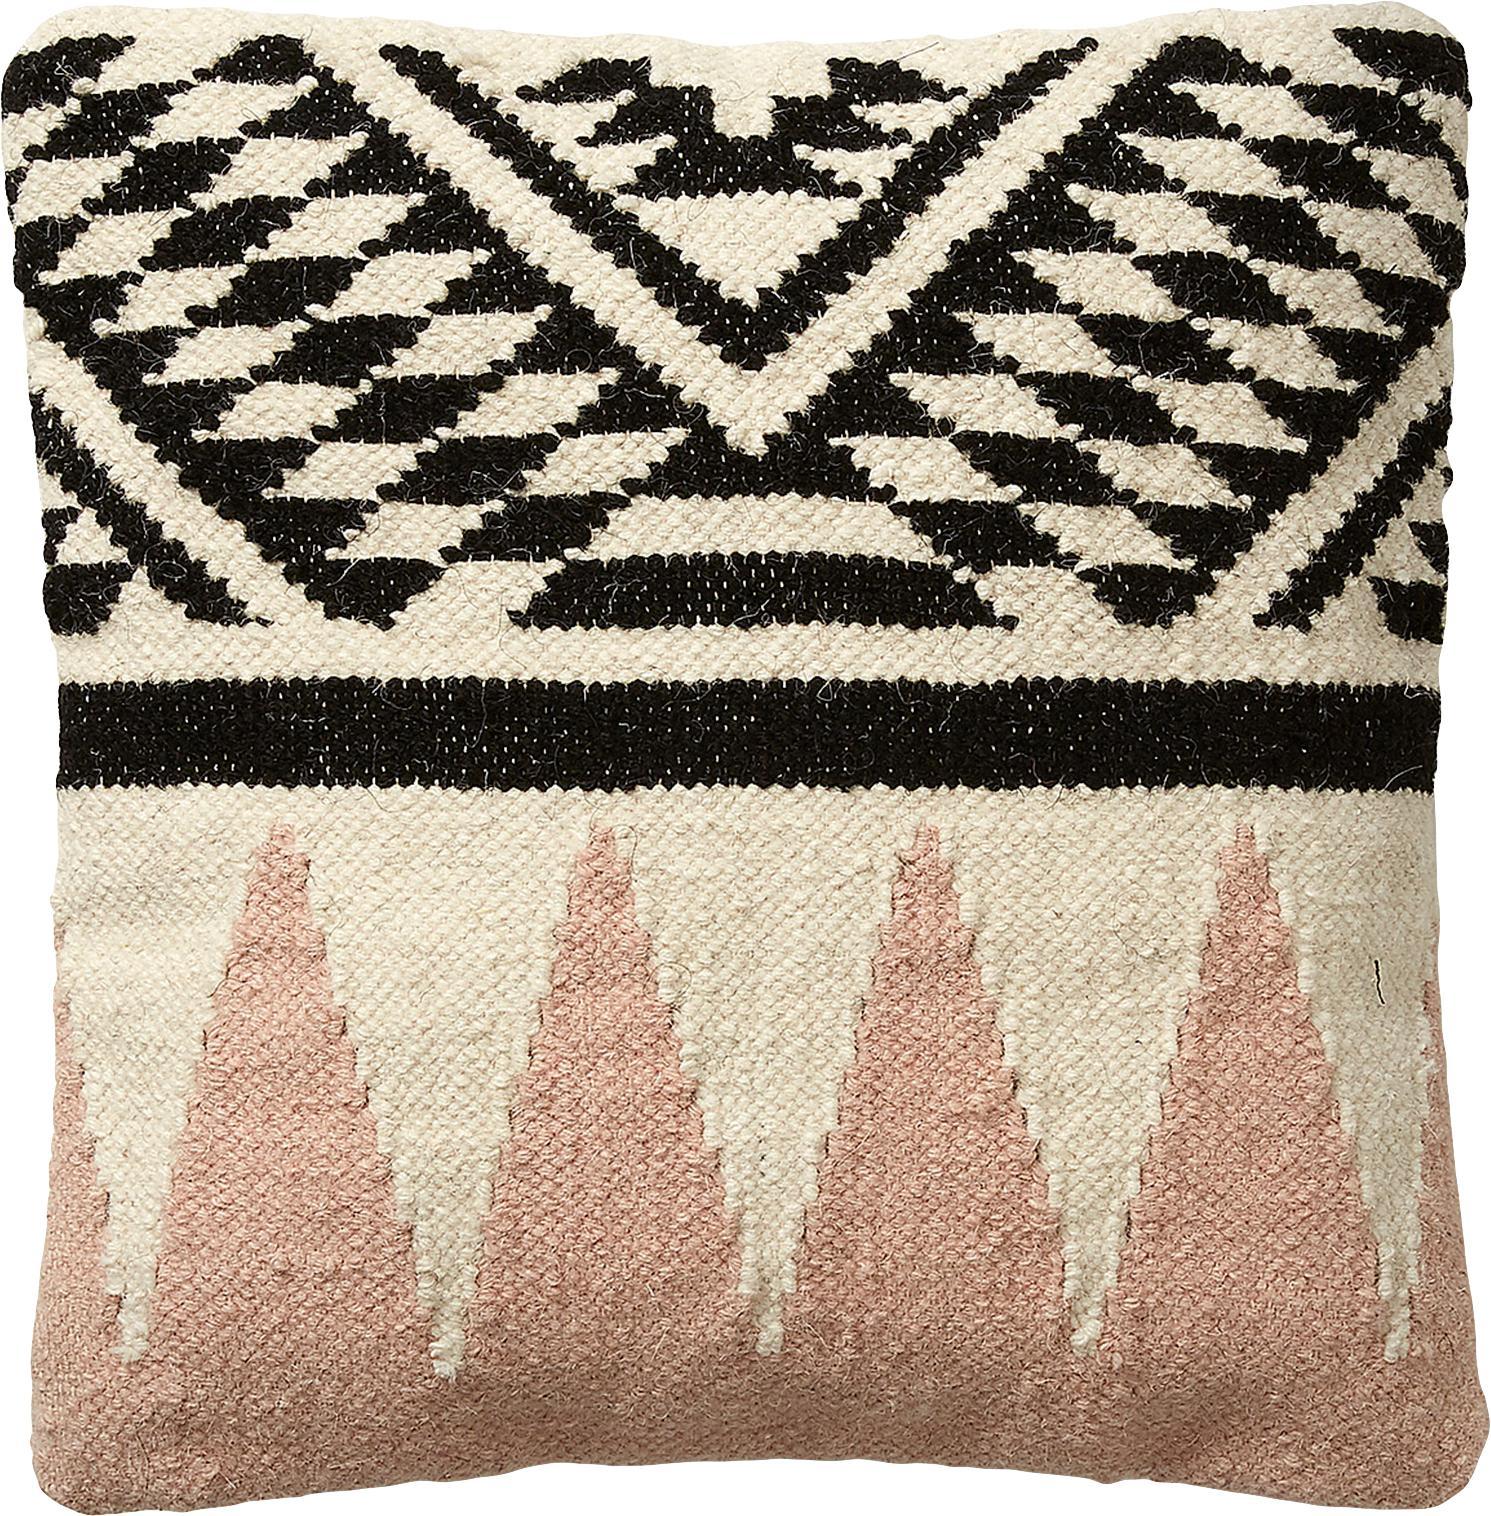 Poszewka na poduszkę Greta, Bawełna, Beżowy, czarny, blady różowy, S 45 x D 45 cm